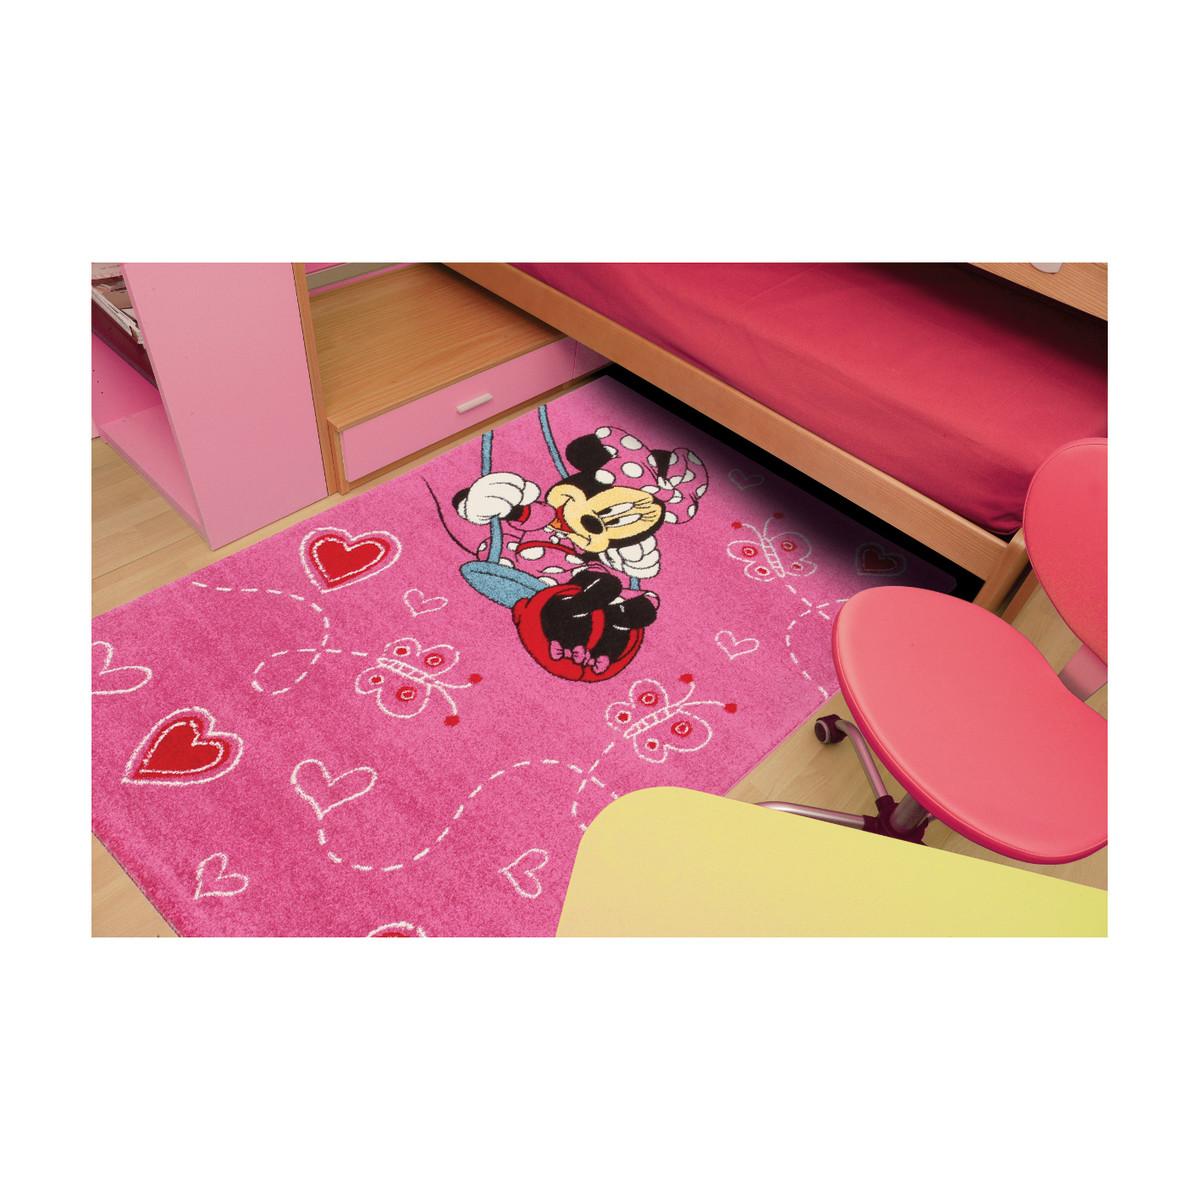 Tappeti per bambini: prezzi e offerte online per tappeti per bambini